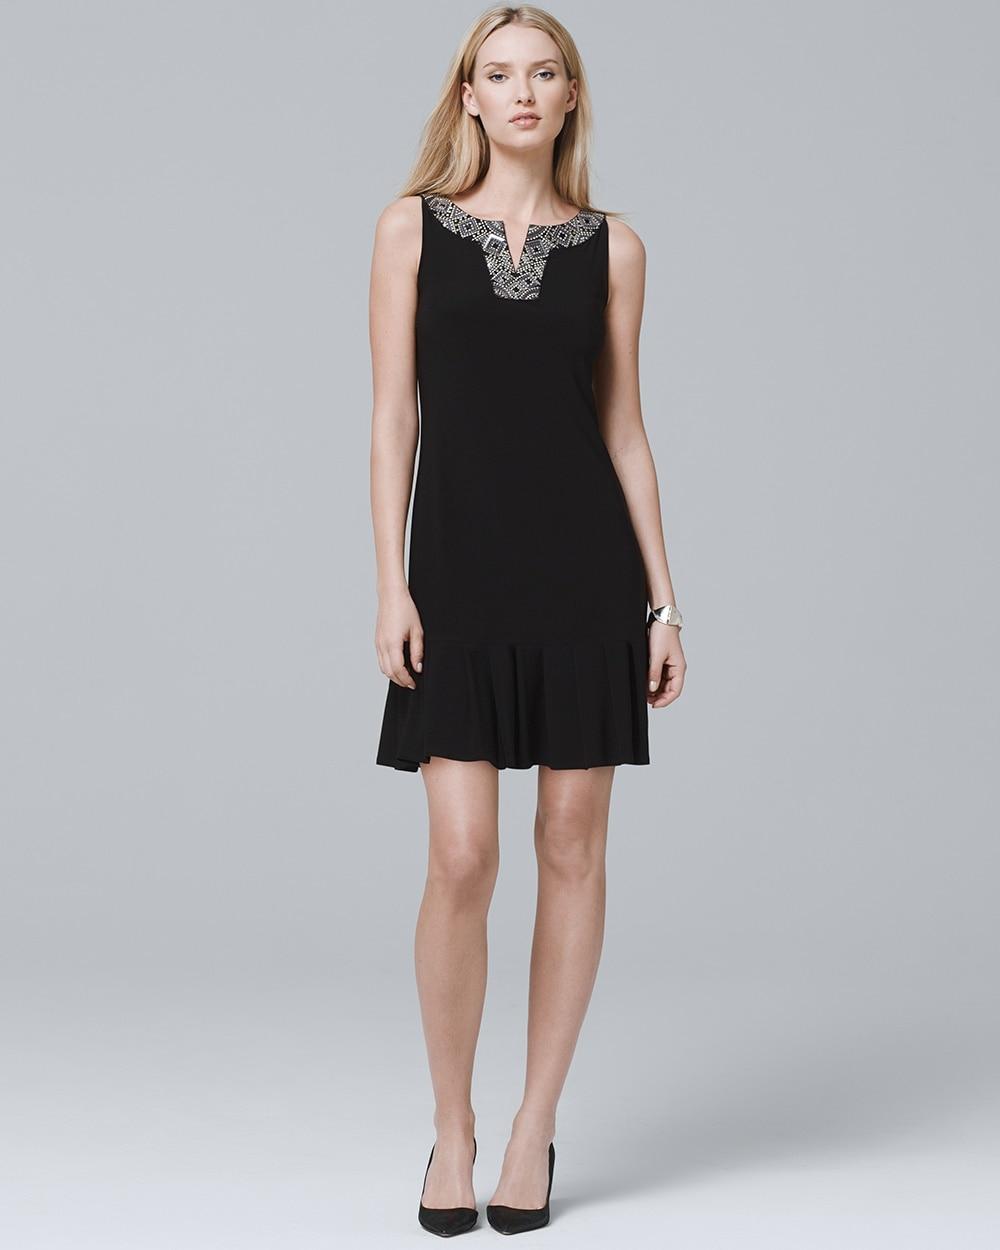 5c5b97c8c Embellished Pleat-Hem Dress - White House Black Market